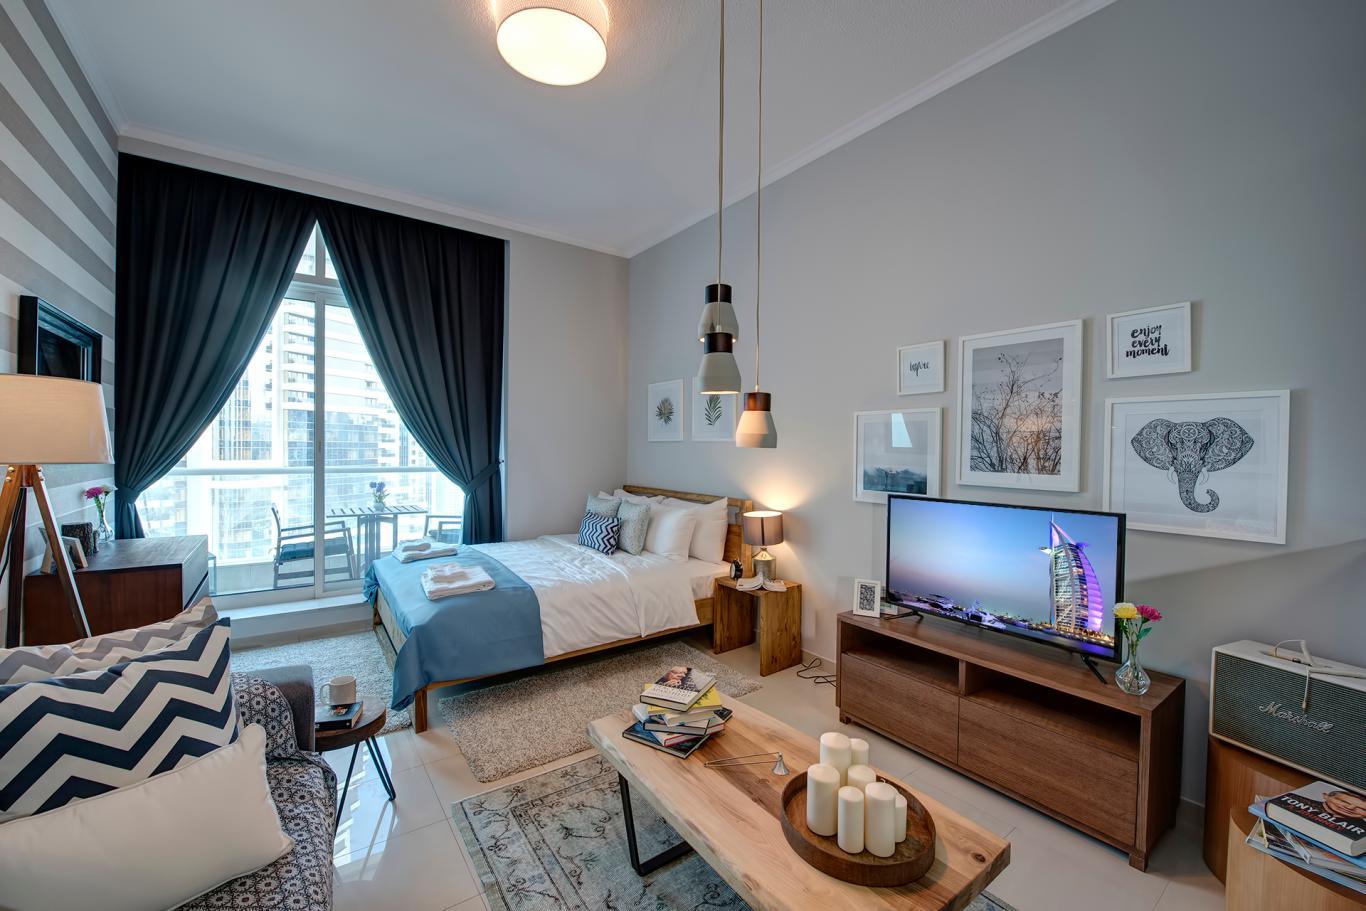 Botanica Studio Apartment For Rent In Dubai Blueground